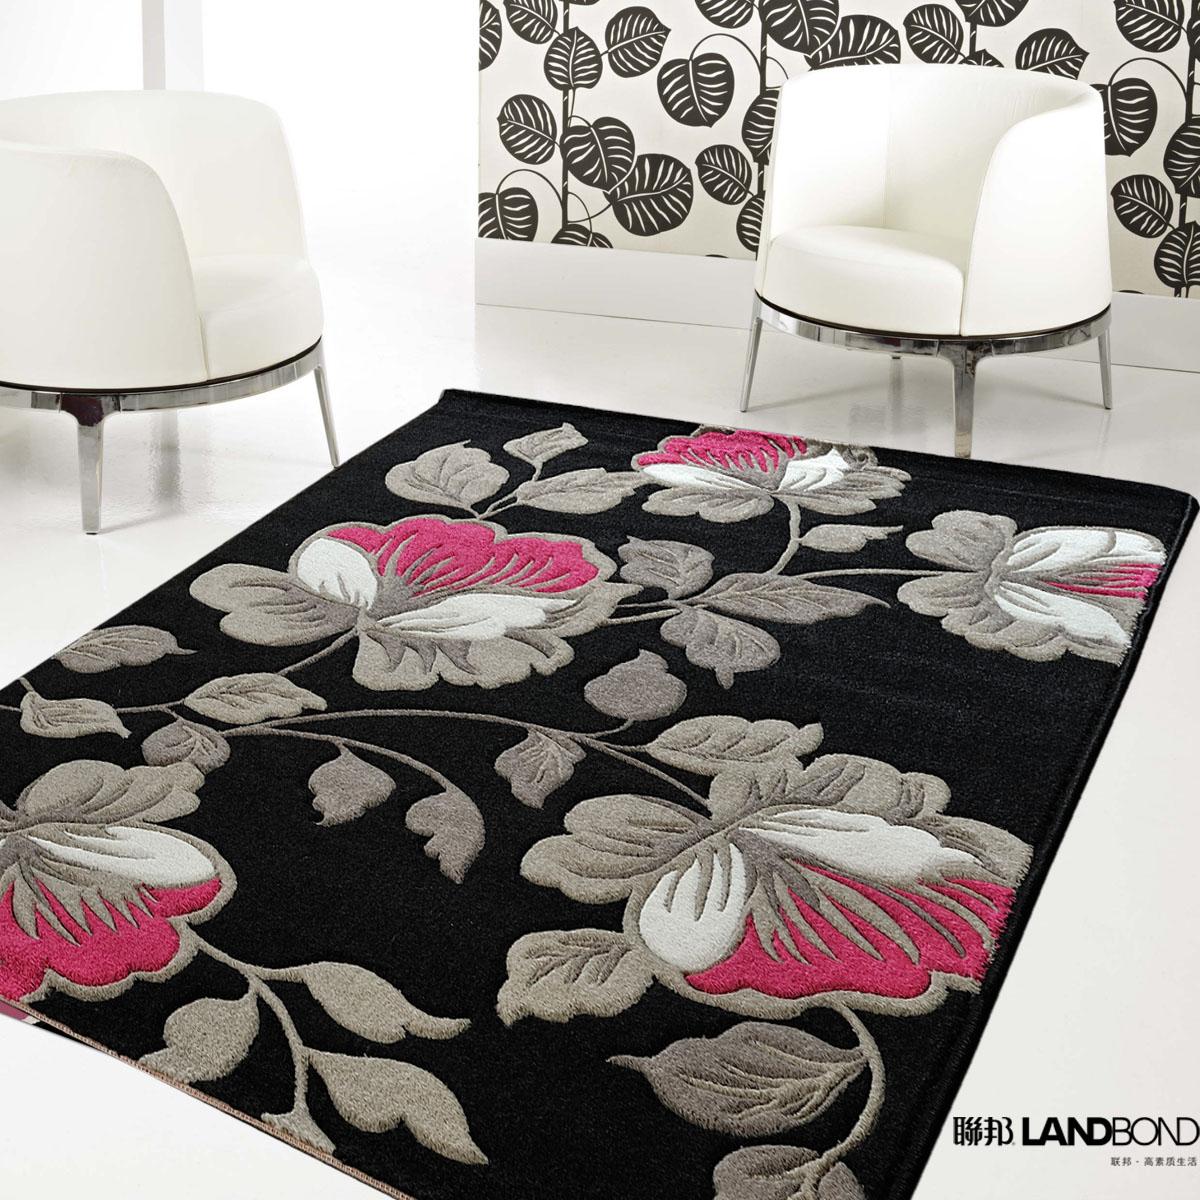 联邦宝达地毯1105-1